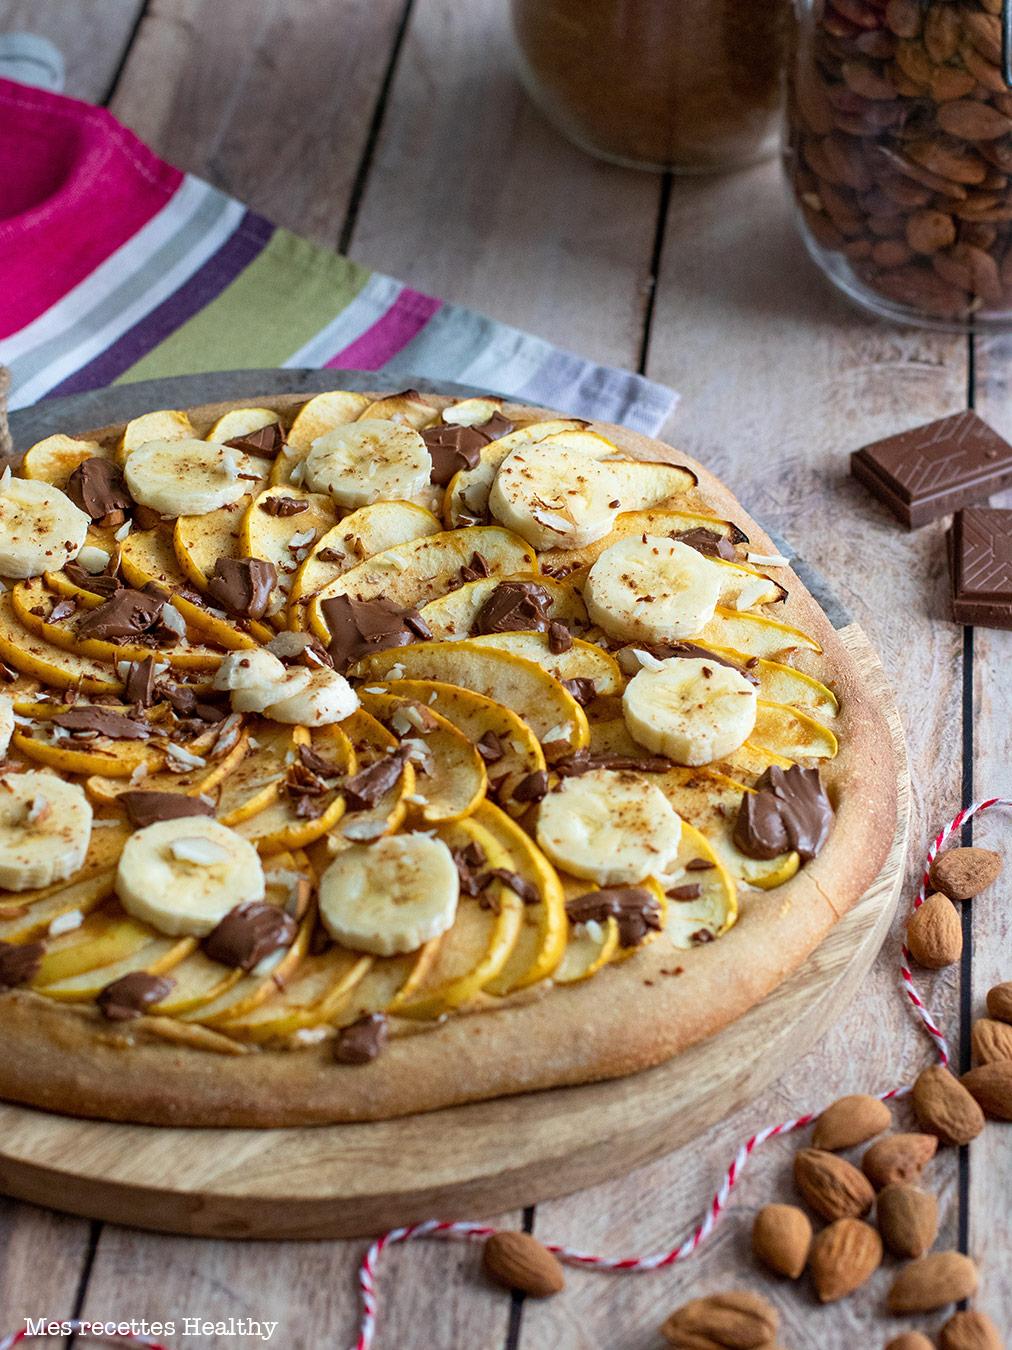 recette healthy-pizza sucres-pomme-banane-amande-chocolat